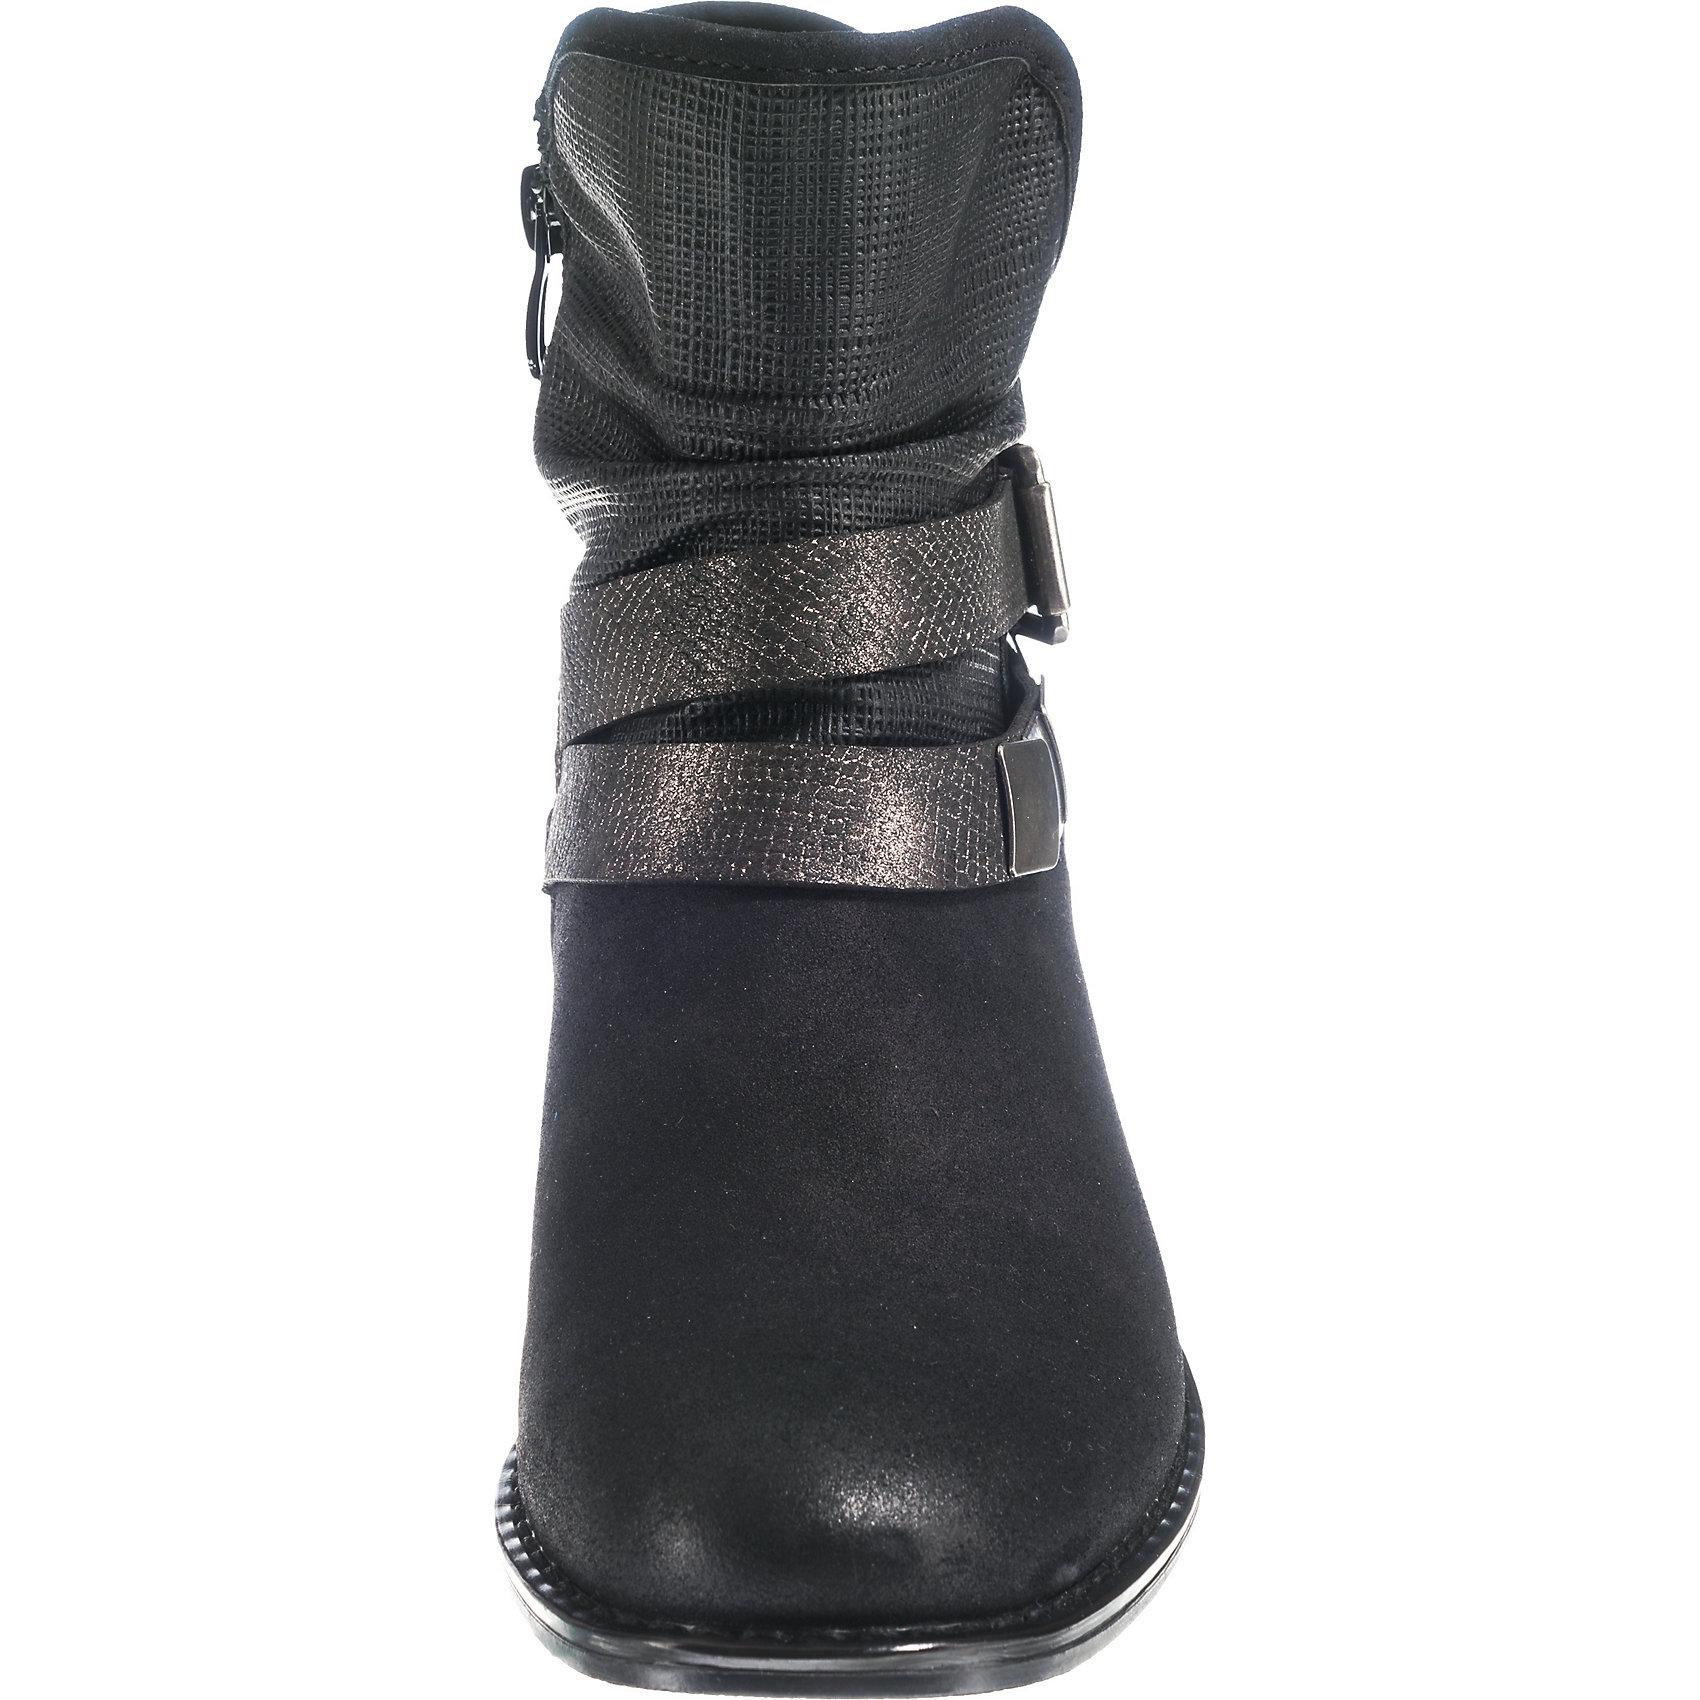 Neu rieker rieker Neu Biker Stiefel 8670950 für Damen schwarz 04de05